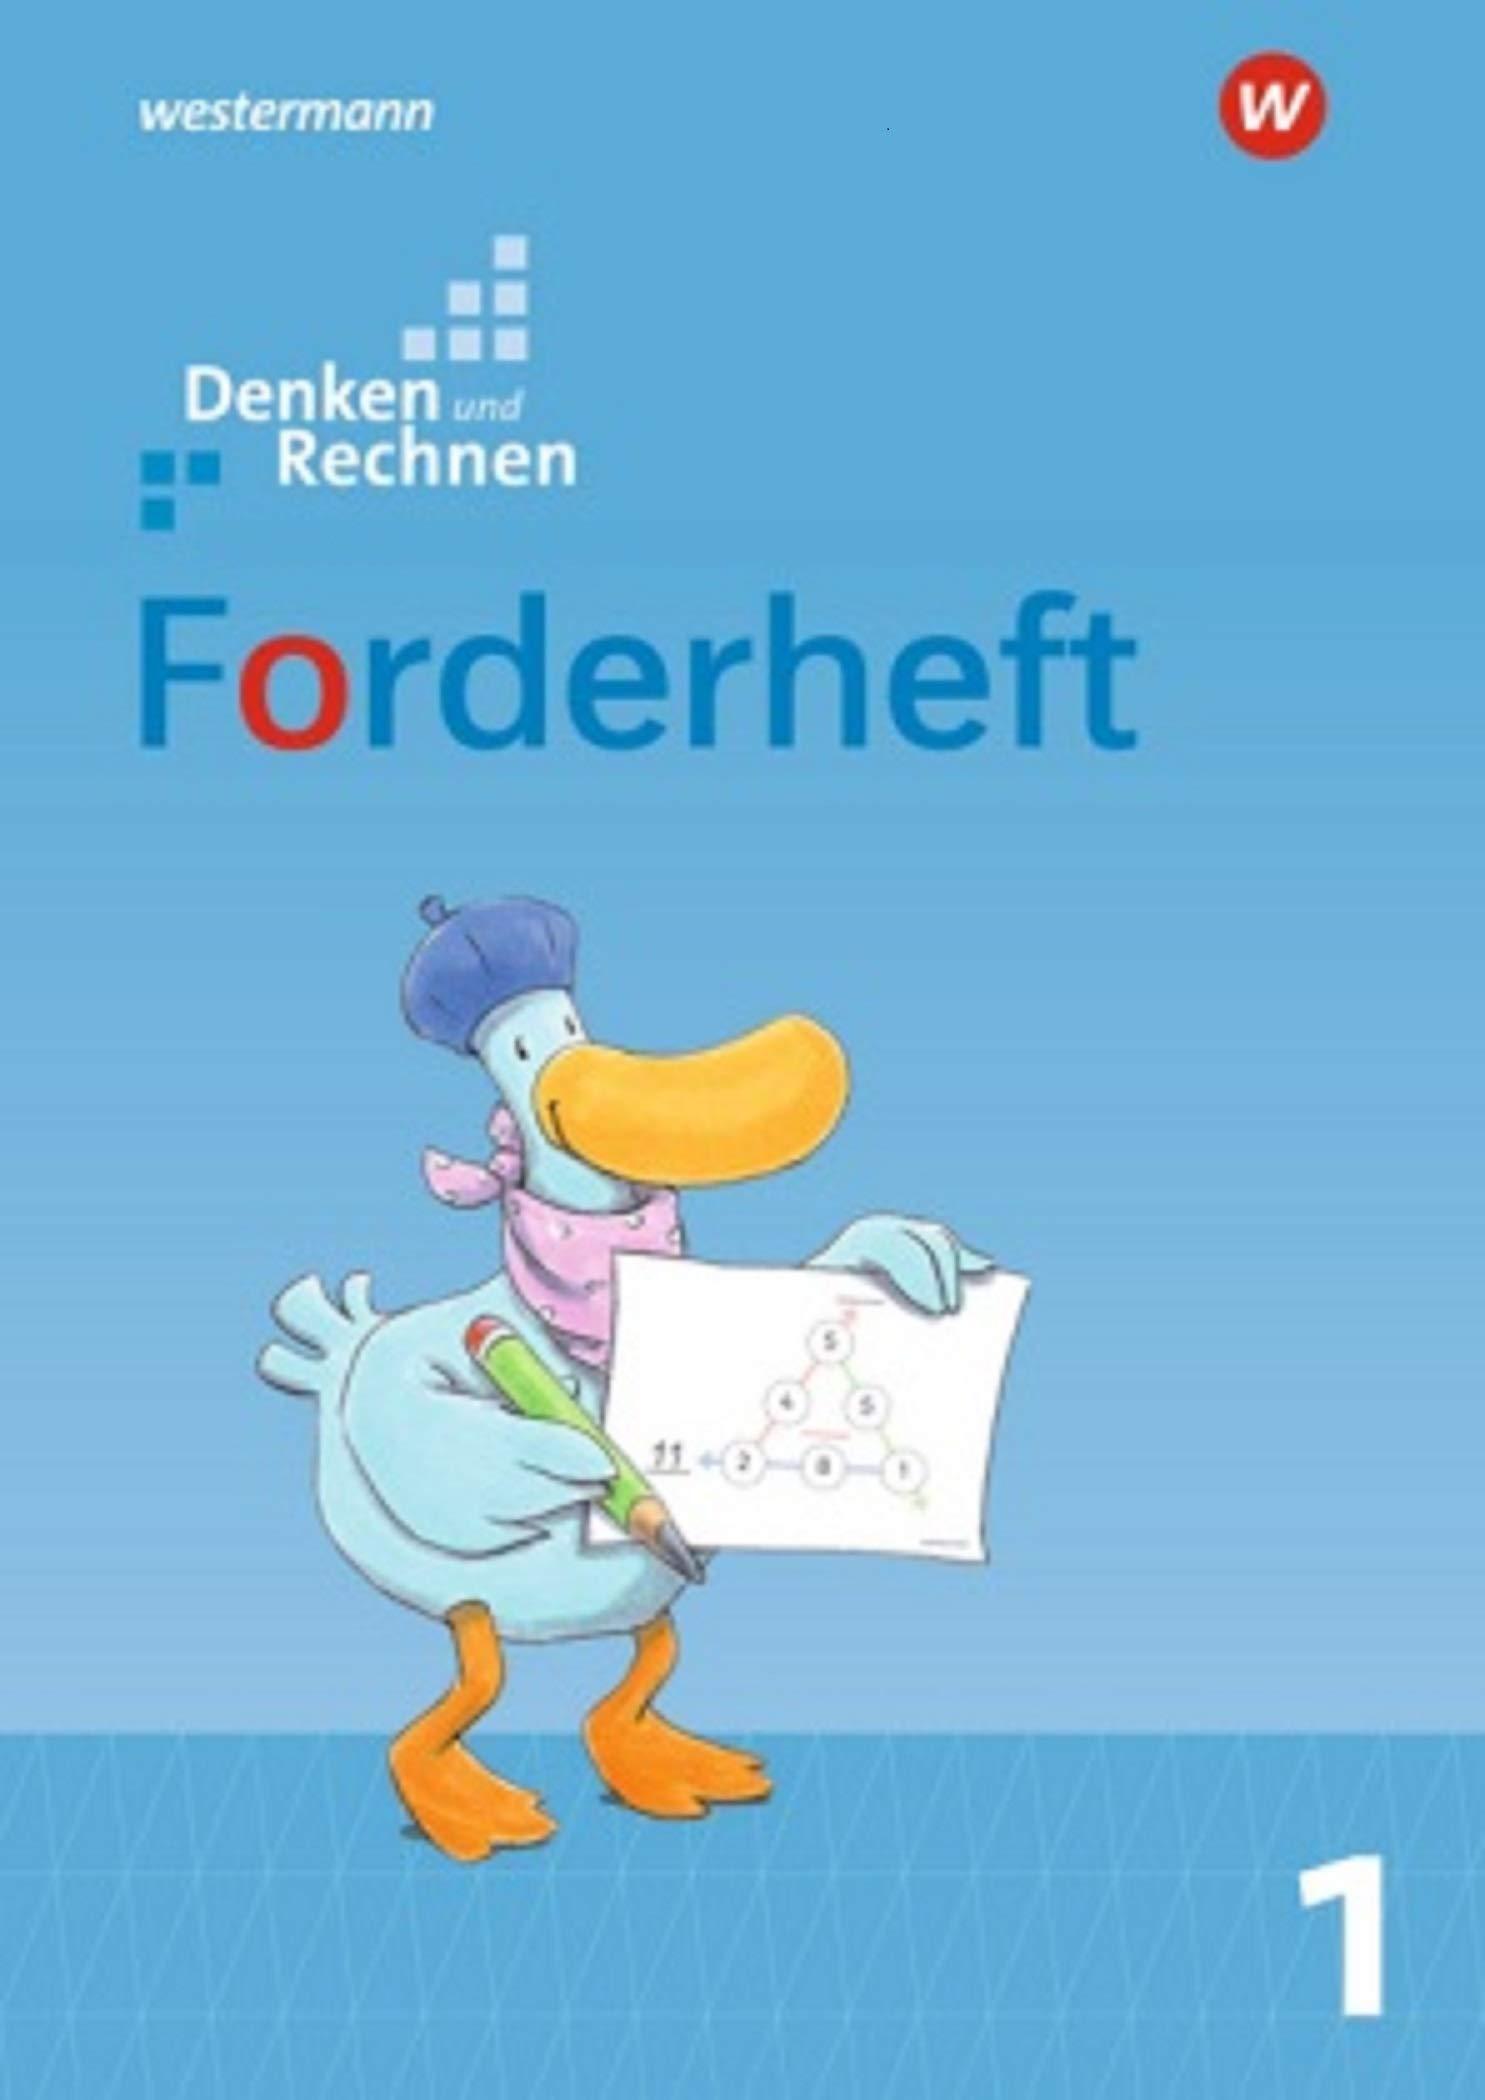 Denken und Rechnen - Allgemeine Ausgabe 2017: Forderheft 1 Broschüre – 1. November 2016 Westermann Schulbuch 3141266212 Schulbücher Brandenburg